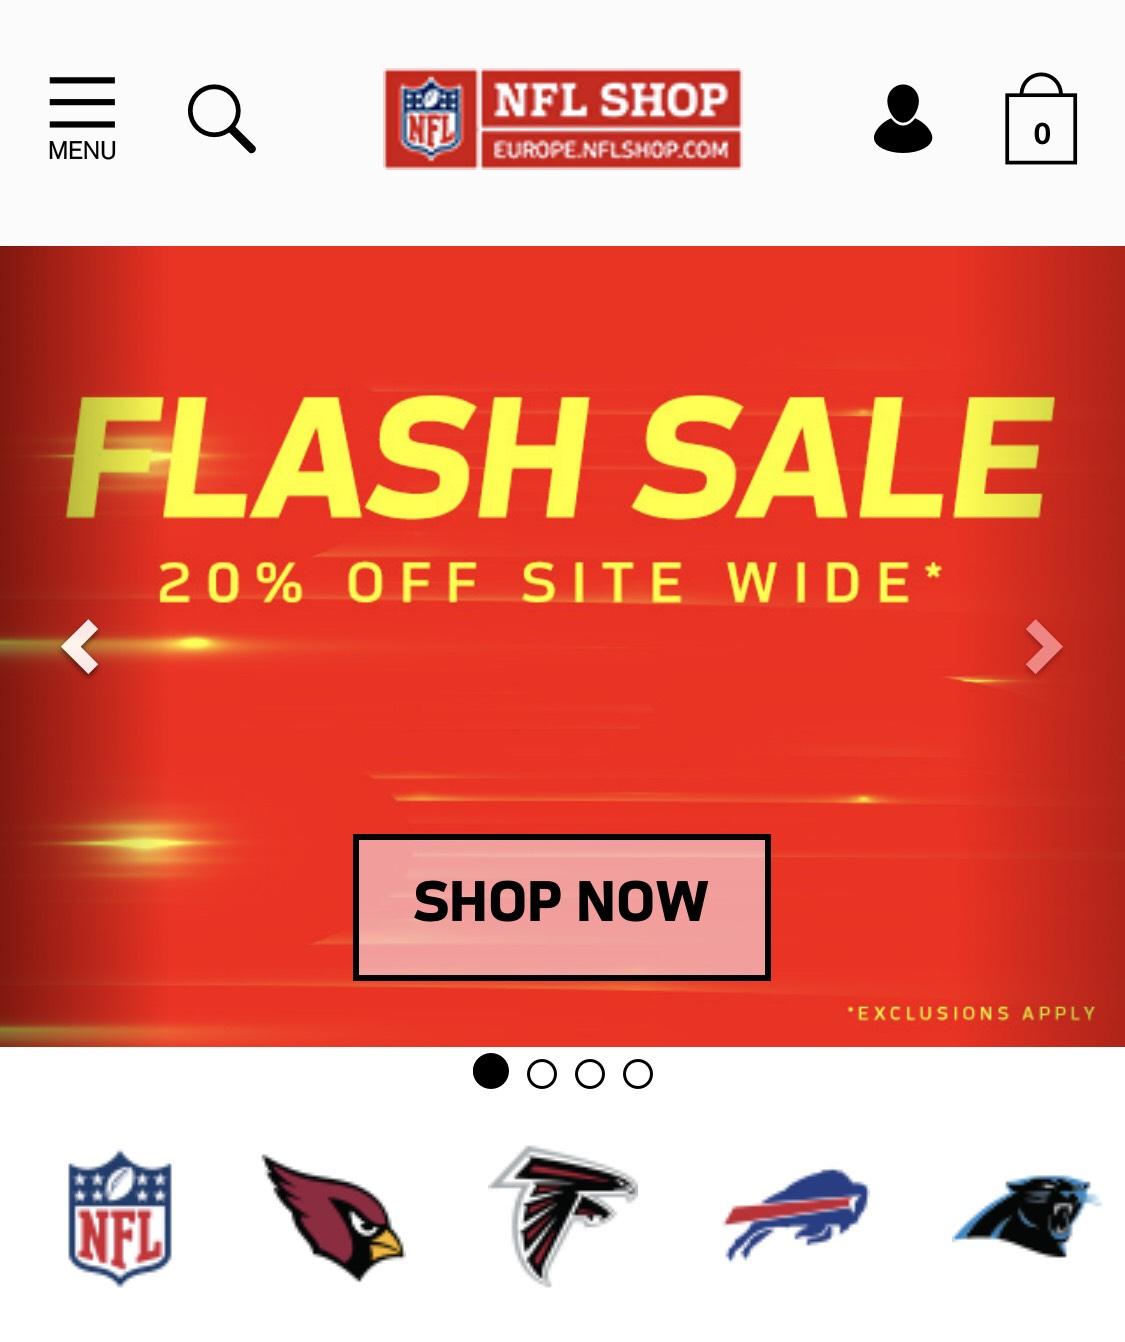 Europe NFL Shop  - 20% off flash sale